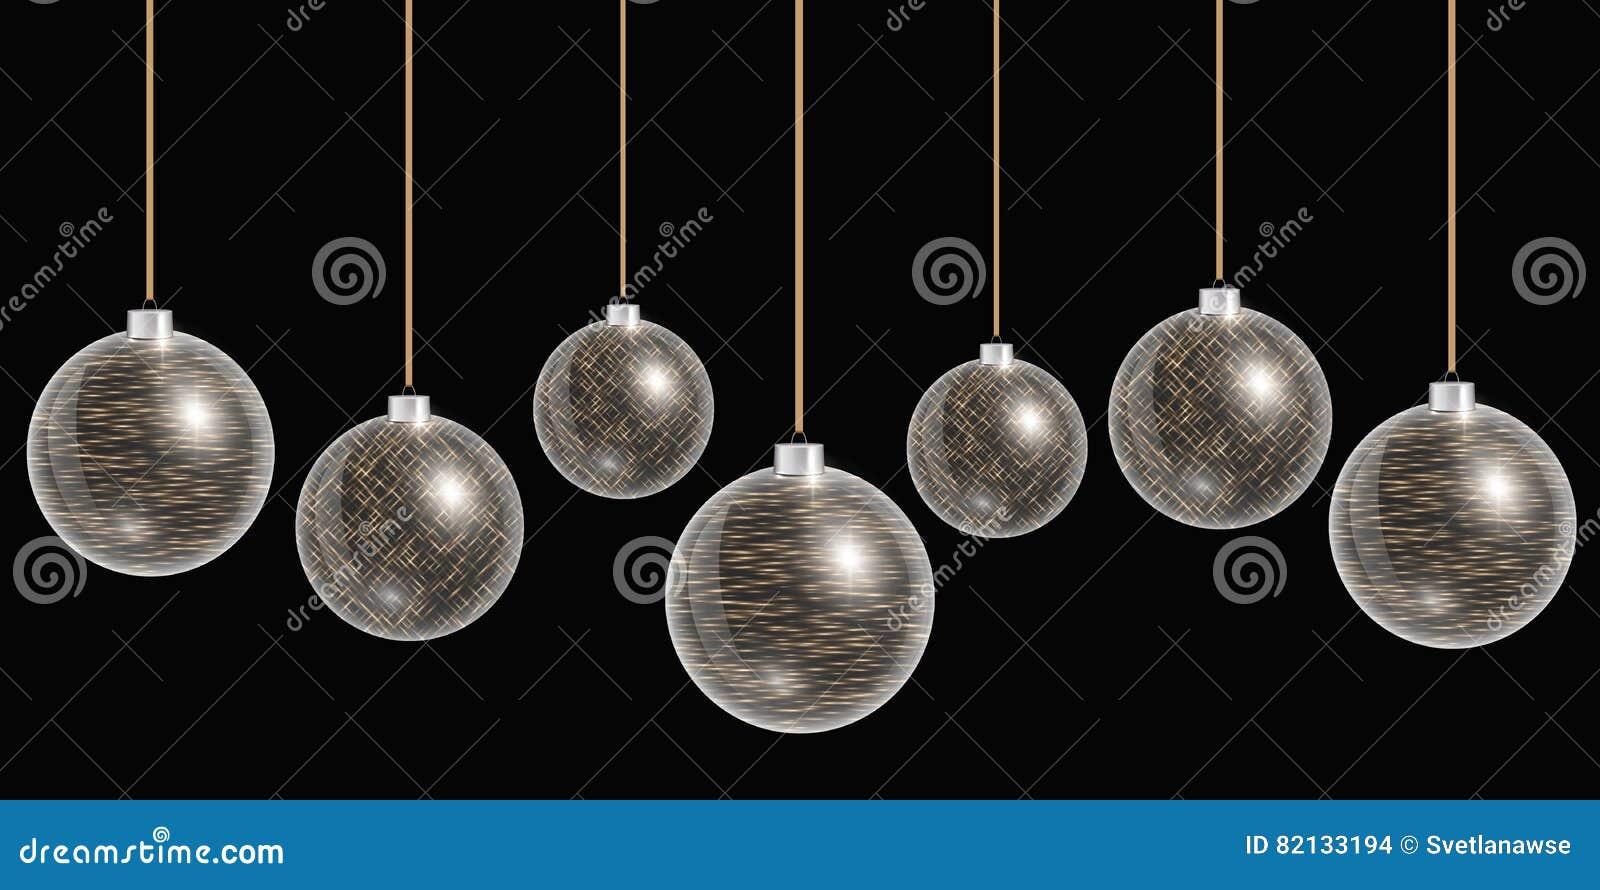 球是能圣诞节装饰节假日使用的项目季节性